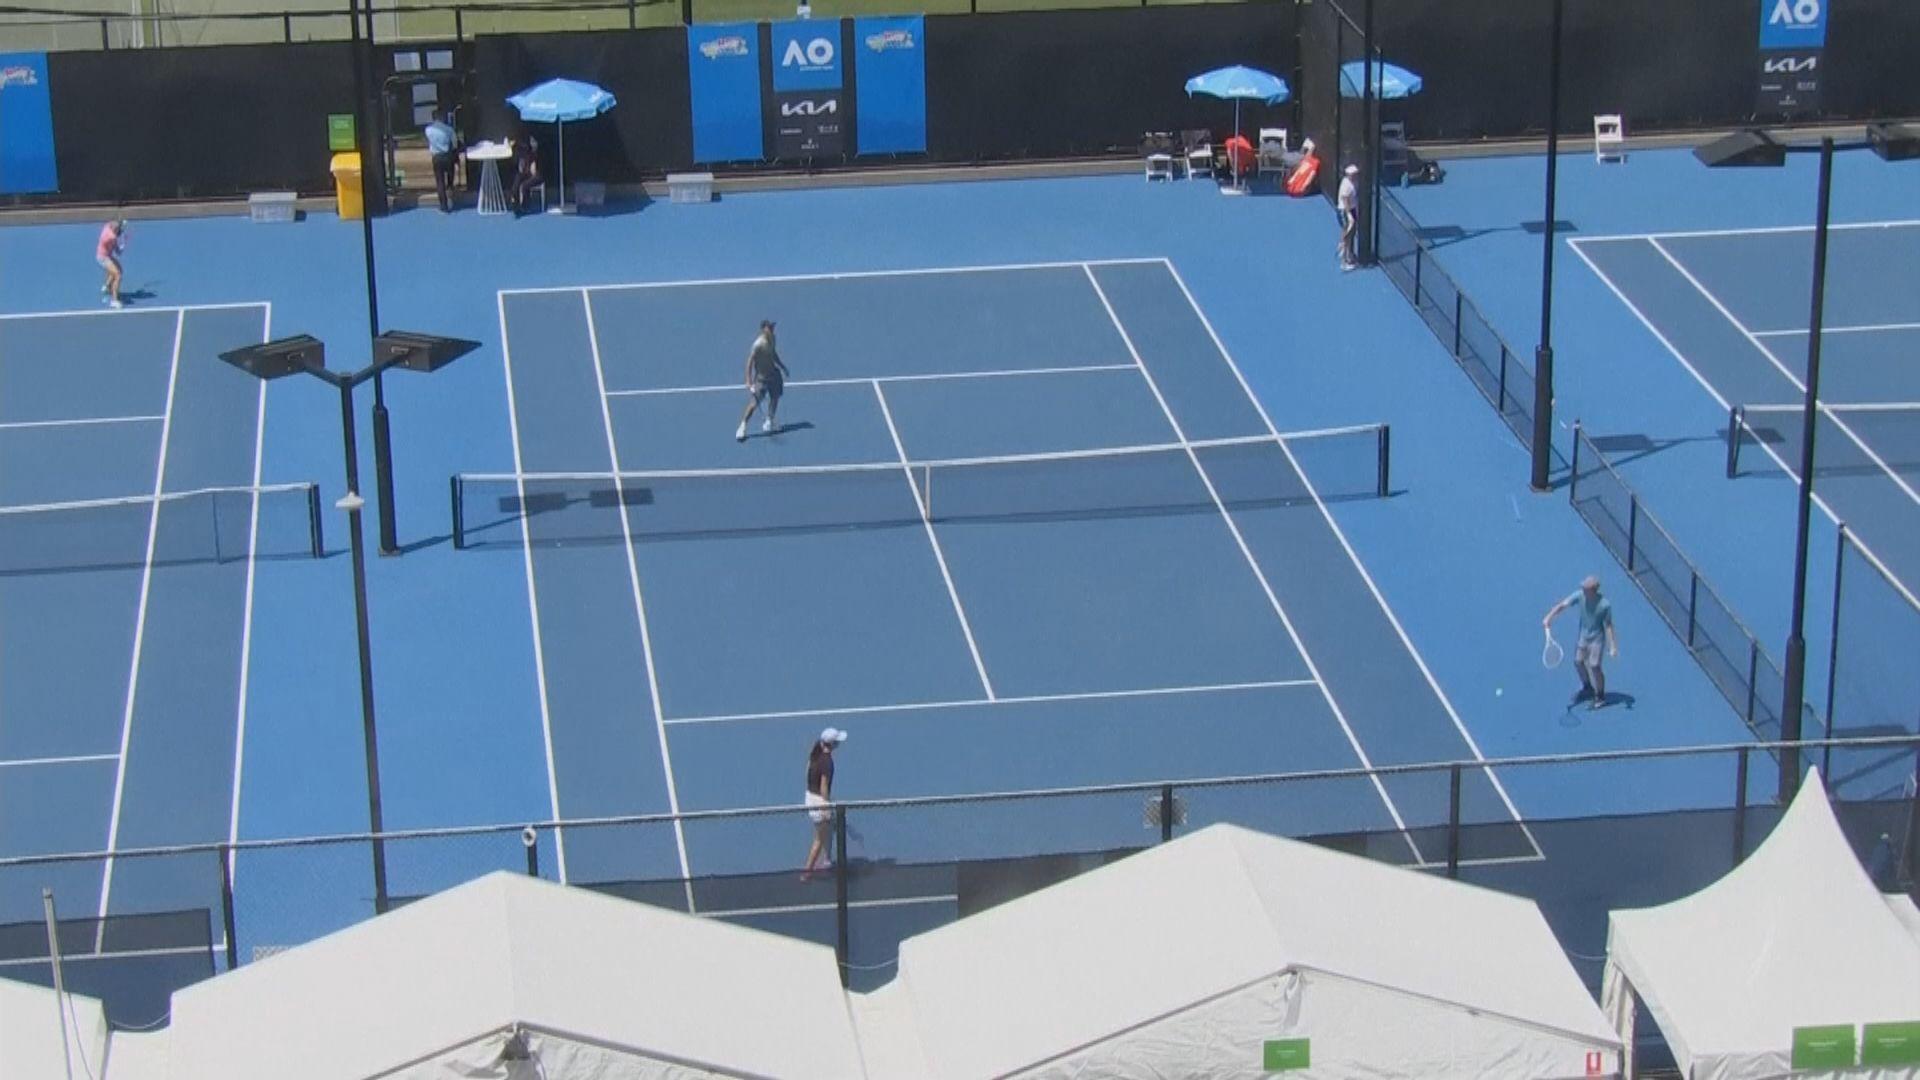 澳洲再多三宗確診與澳網有關 包括兩名球手